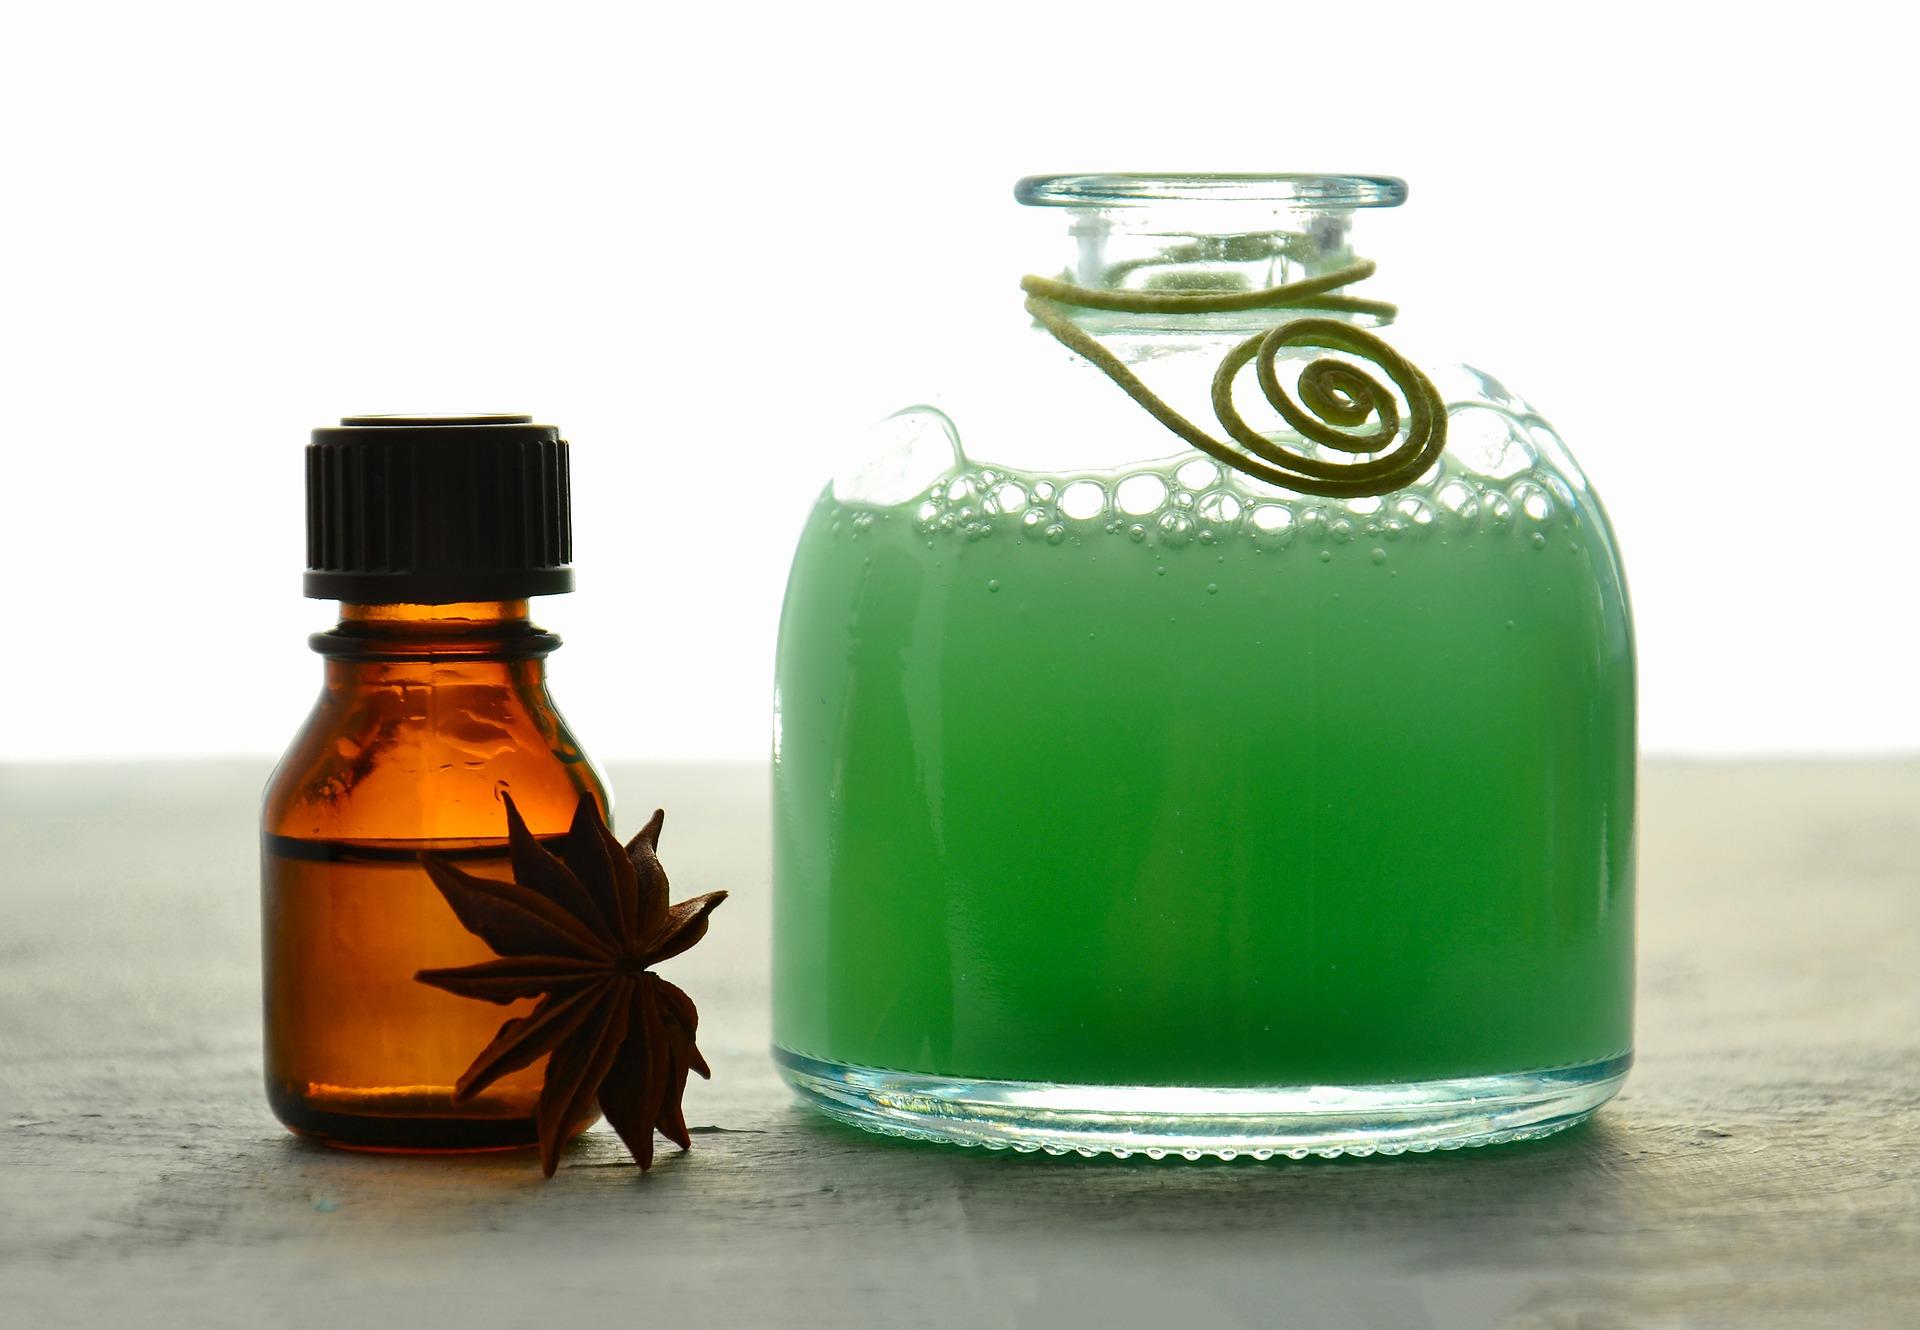 shampoo-4213395_1920